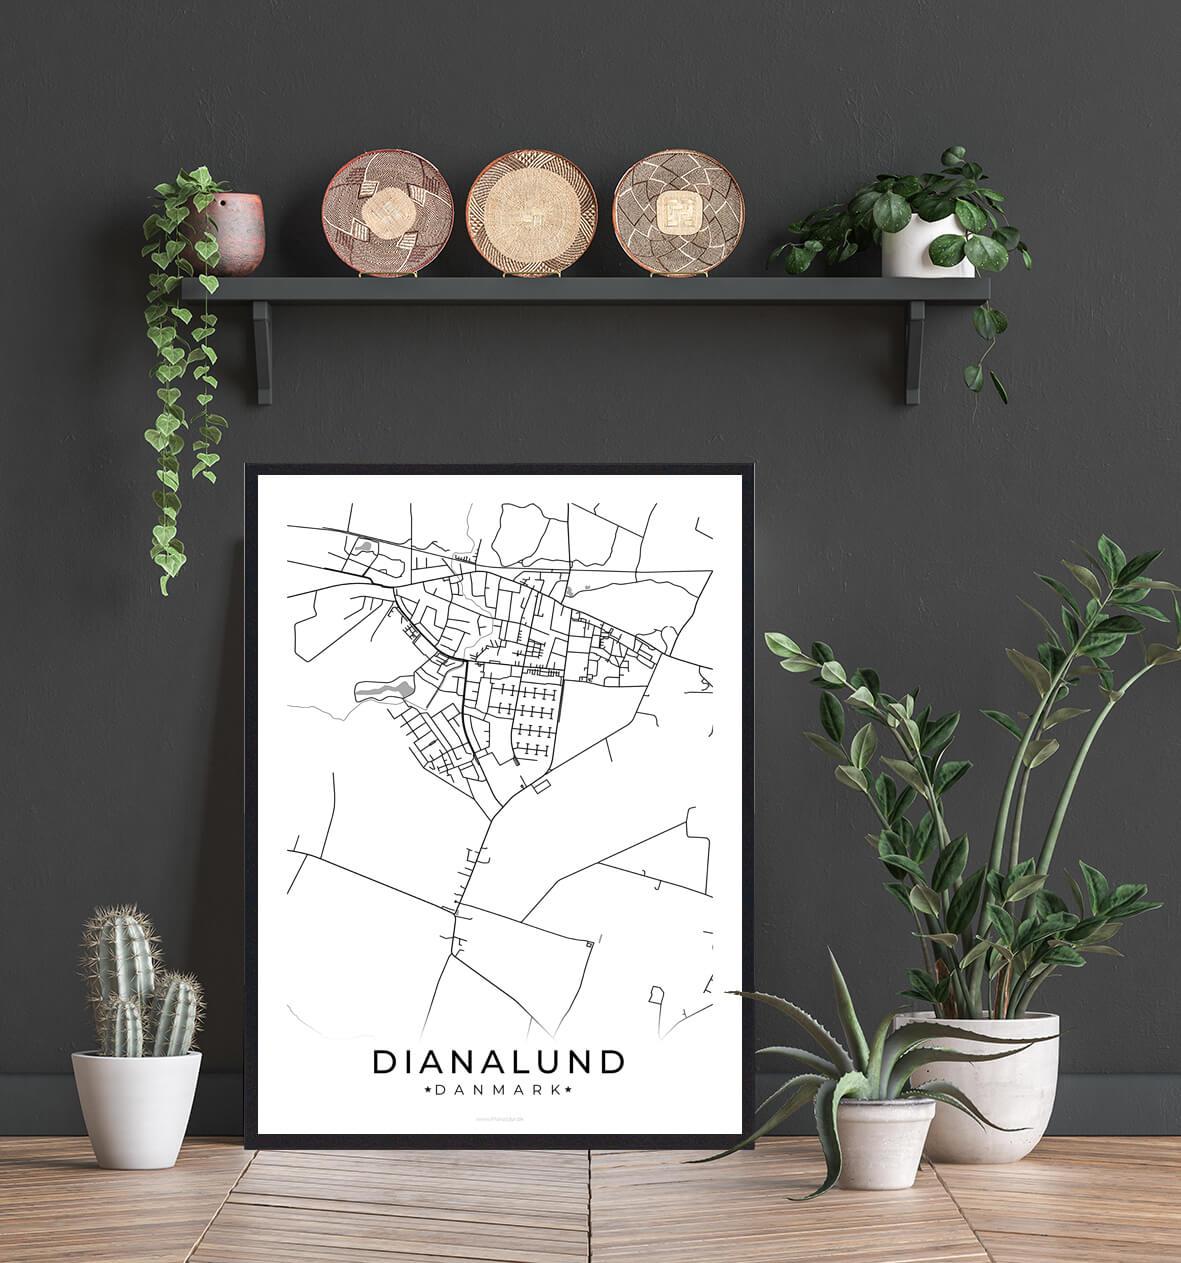 Dianalund-byplakat-billig